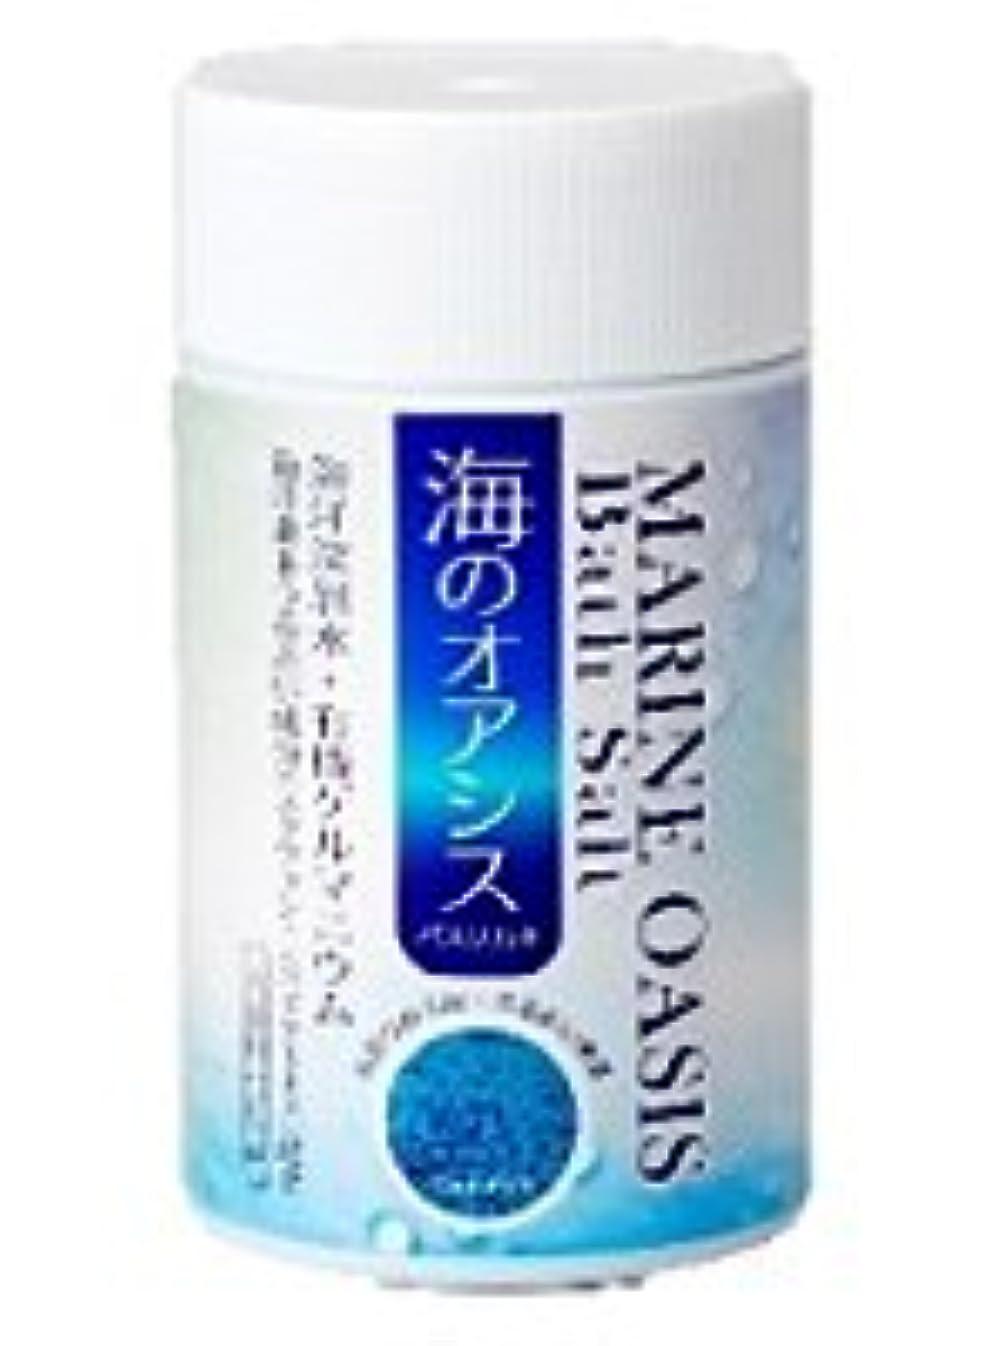 おしゃれな日焼け模索入浴用化粧品 海のオアシス バスソルト 1020g